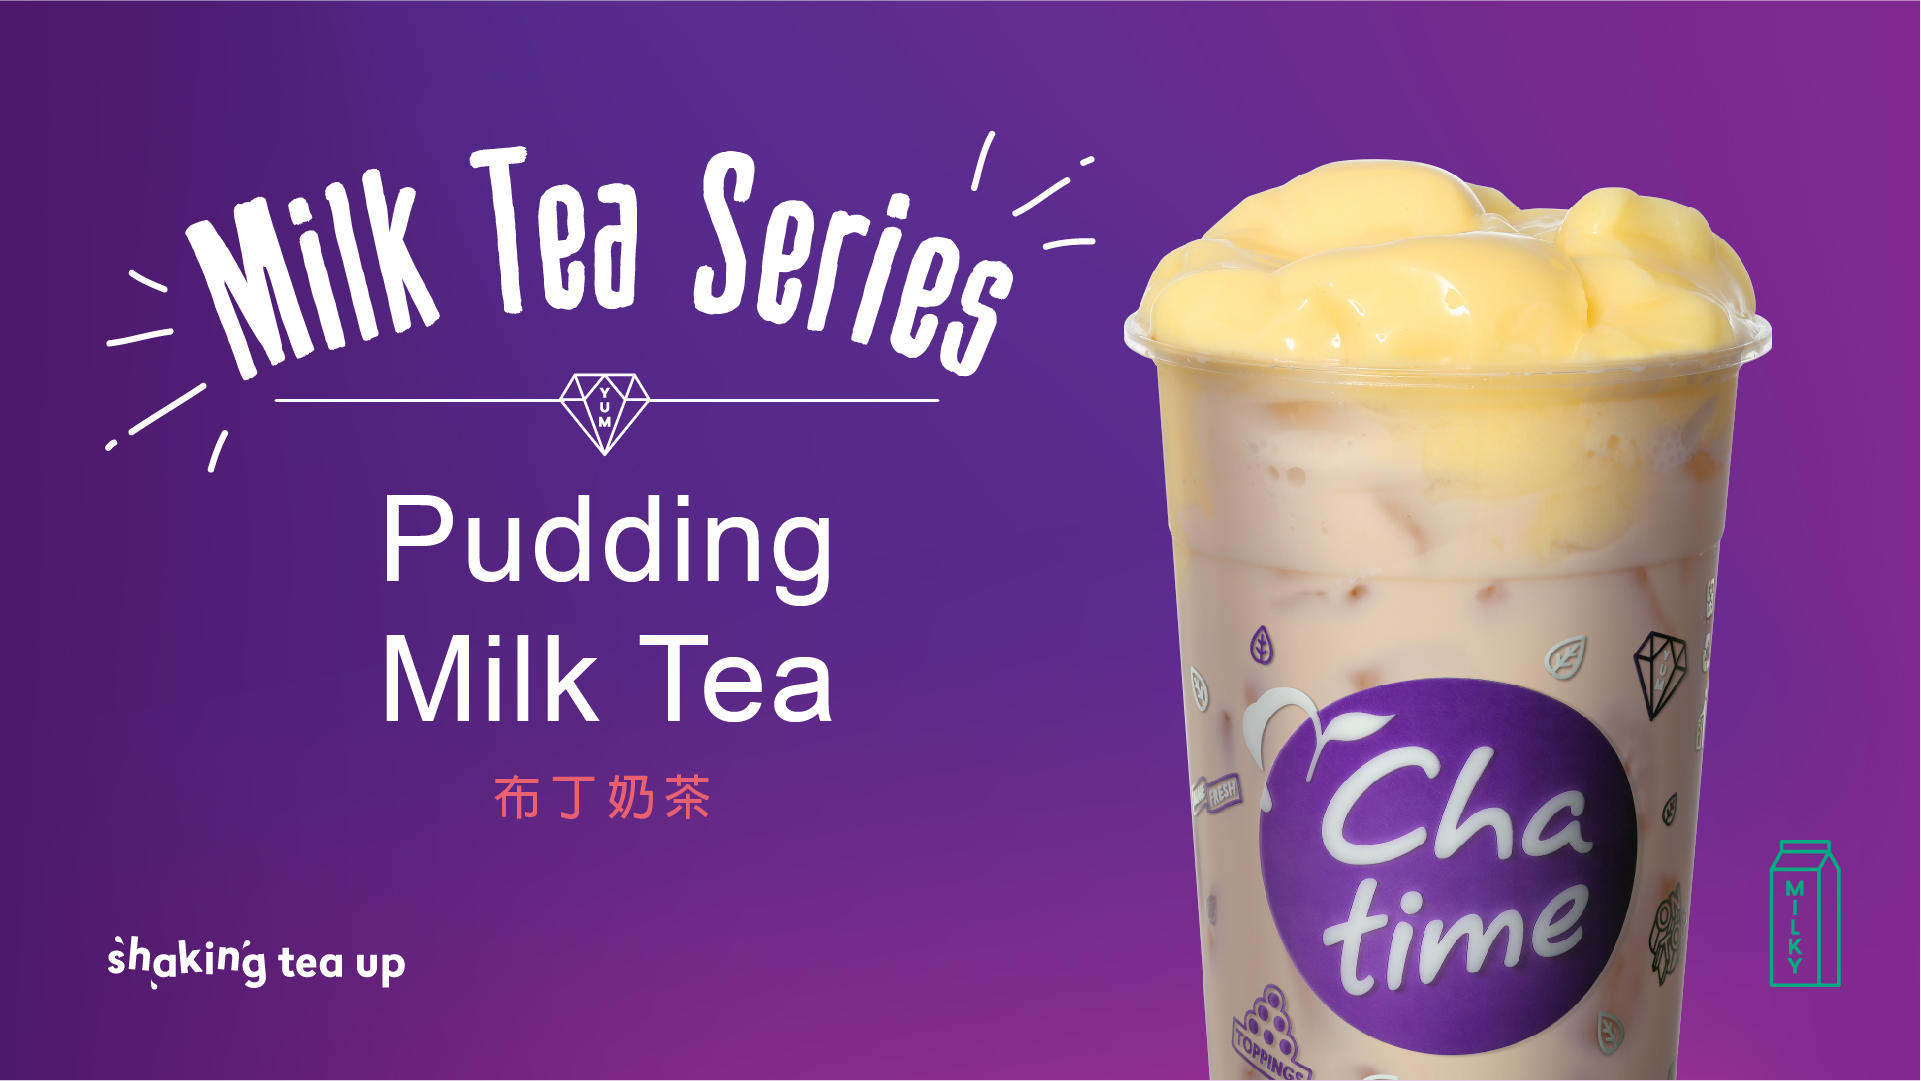 Chatime Bubble Tea & Slurping Noodles image 24